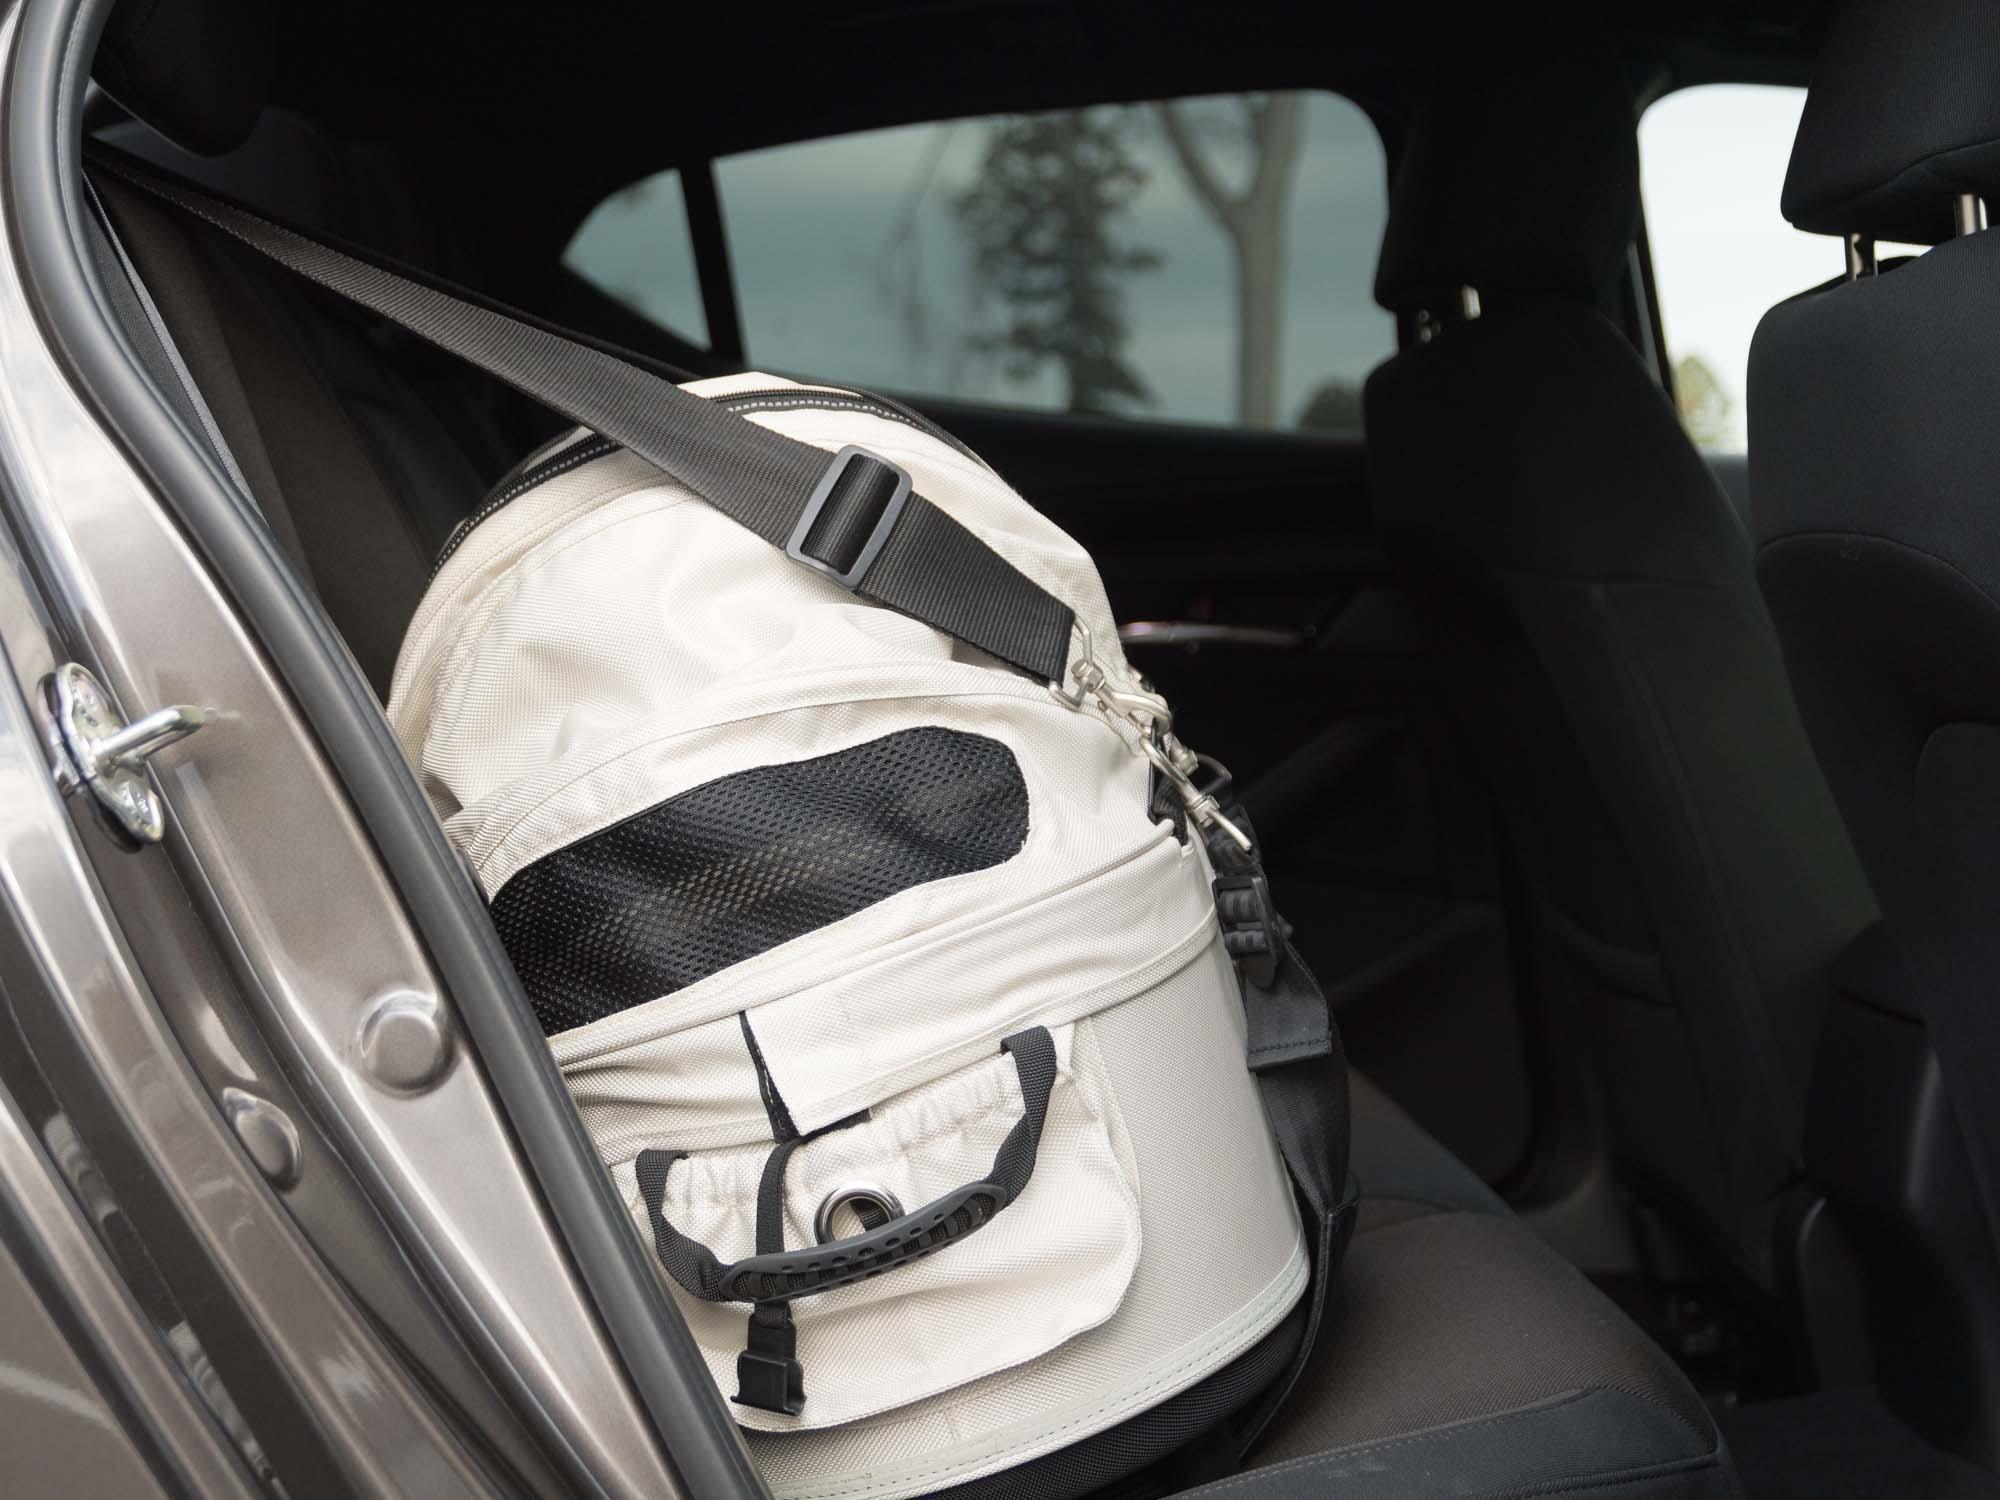 車の後部座席に設置された犬用カート